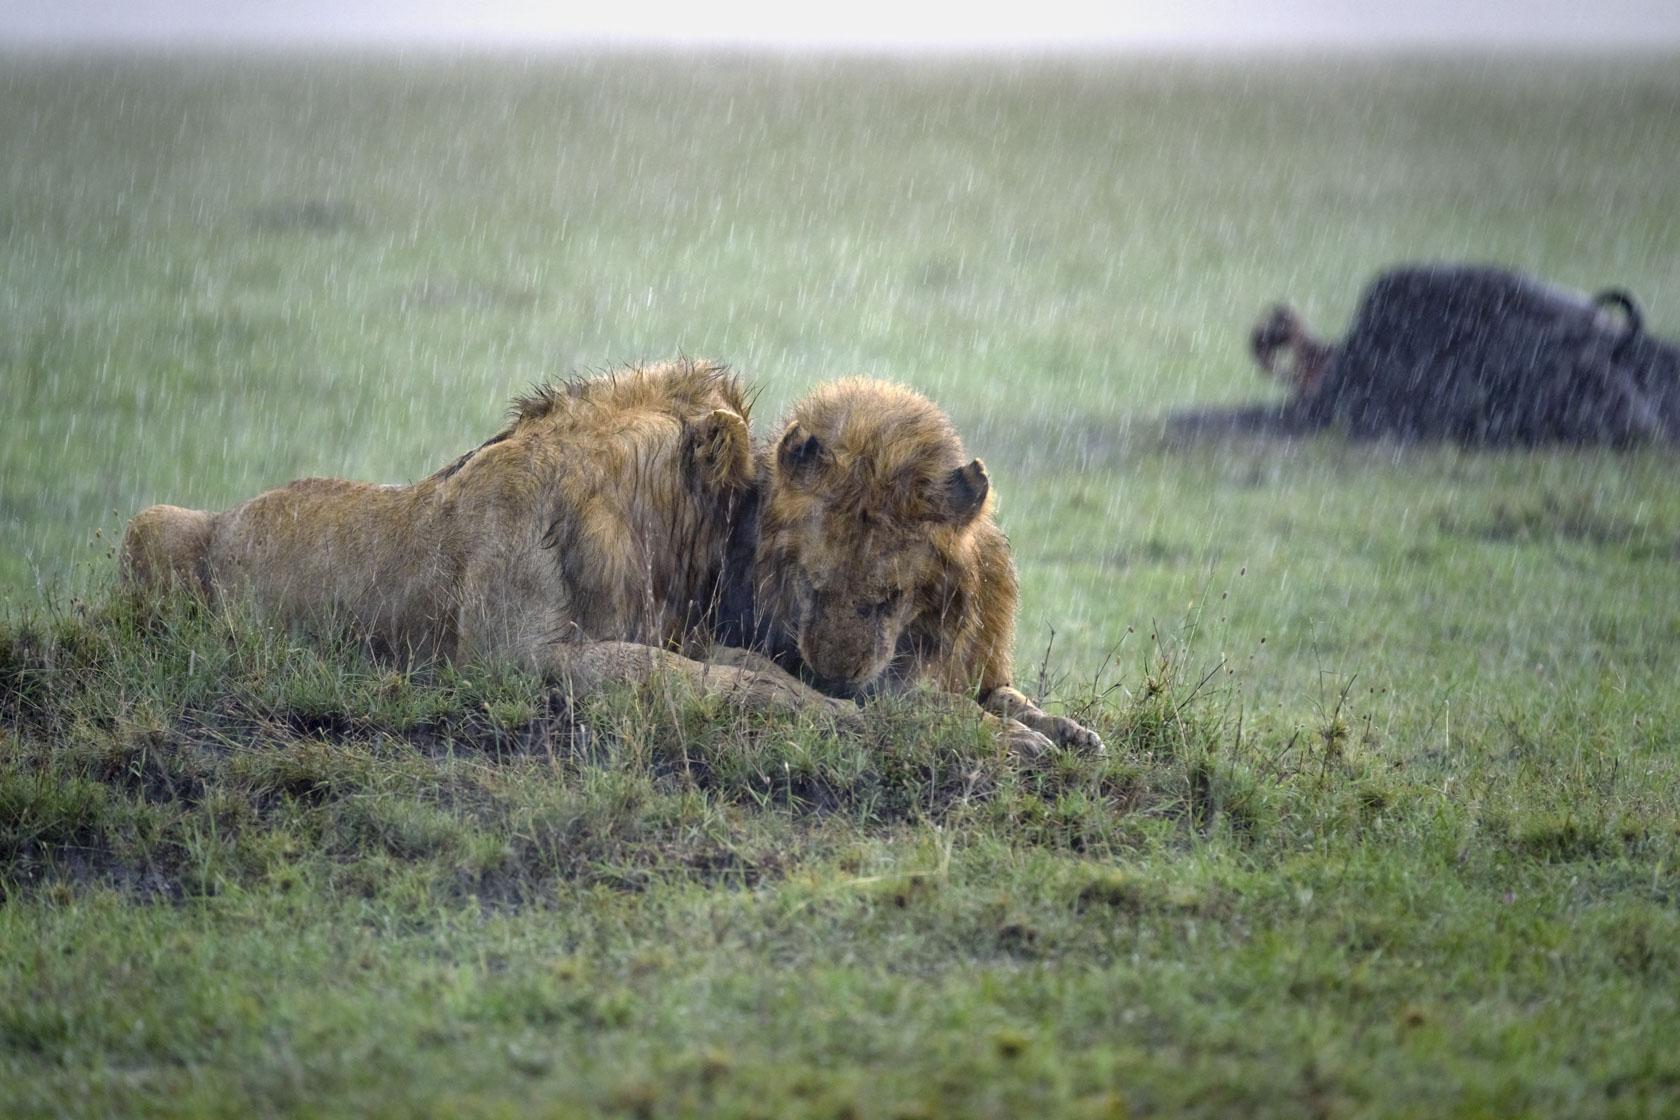 Als der Gewittersturm richtig los geht, rücken die Löwen in Sichtweite ihres Büffelrisses immer näher zusammen, es wird zusehends dunkler und die benötigten ISO-Werte zum Fotografieren gehen langsam in Bereiche, die man zu Analogzeiten gar nicht kannte